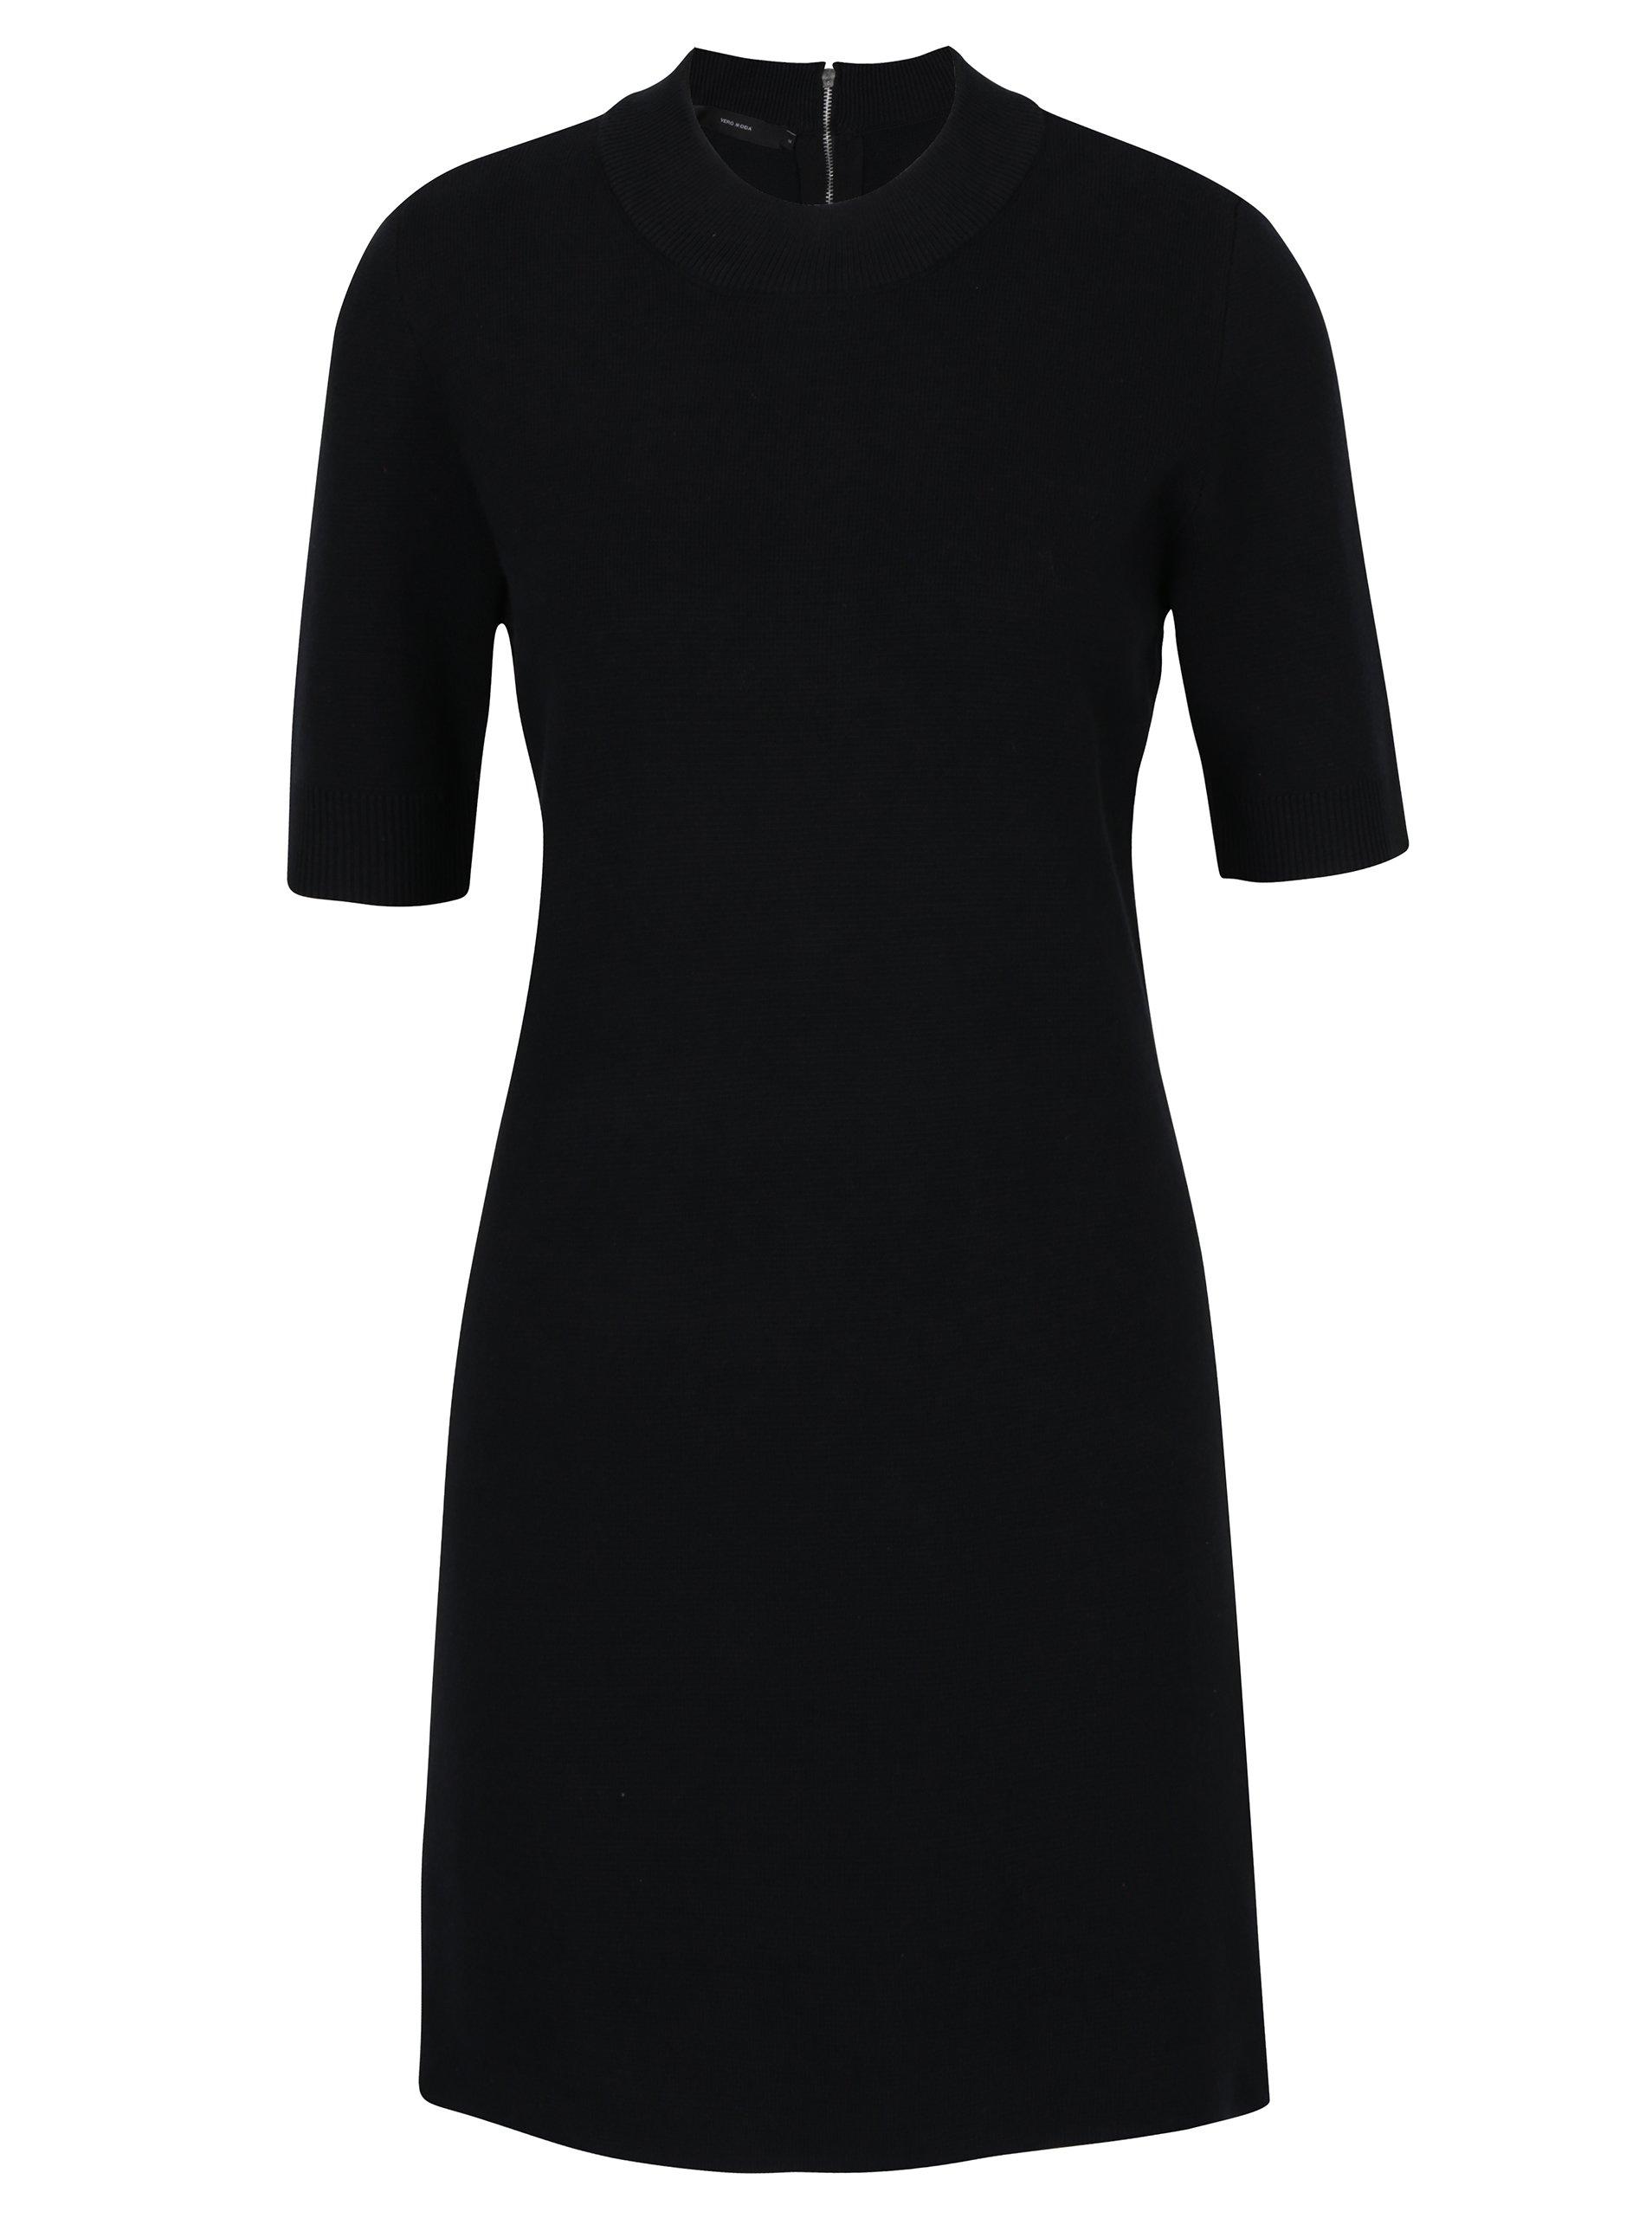 Černé svetrové šaty s krátkým rukávem VERO MODA Barstow